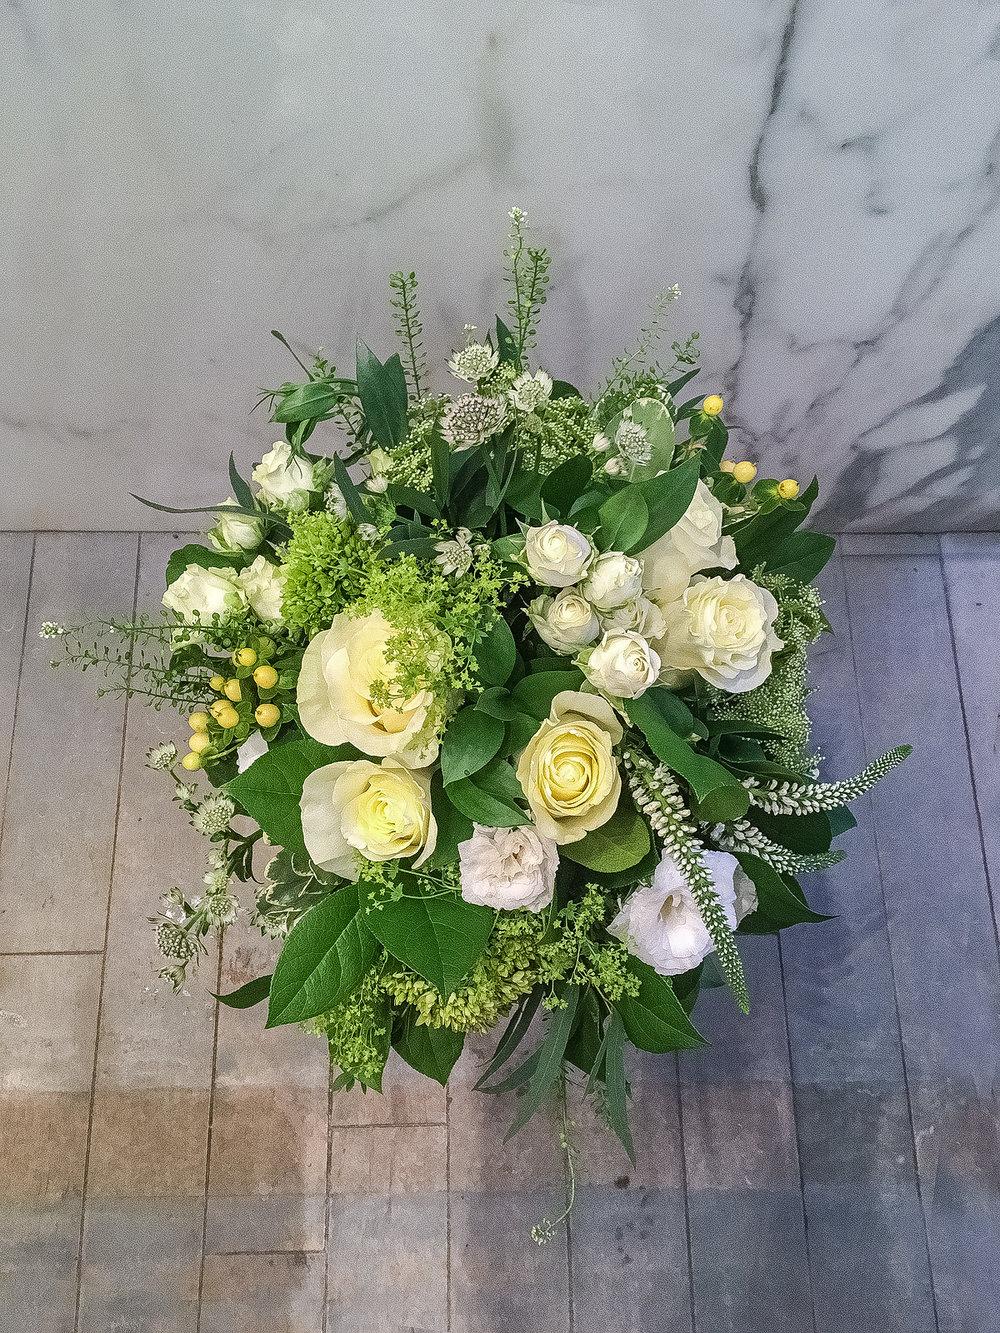 180212_bouquet3.jpg